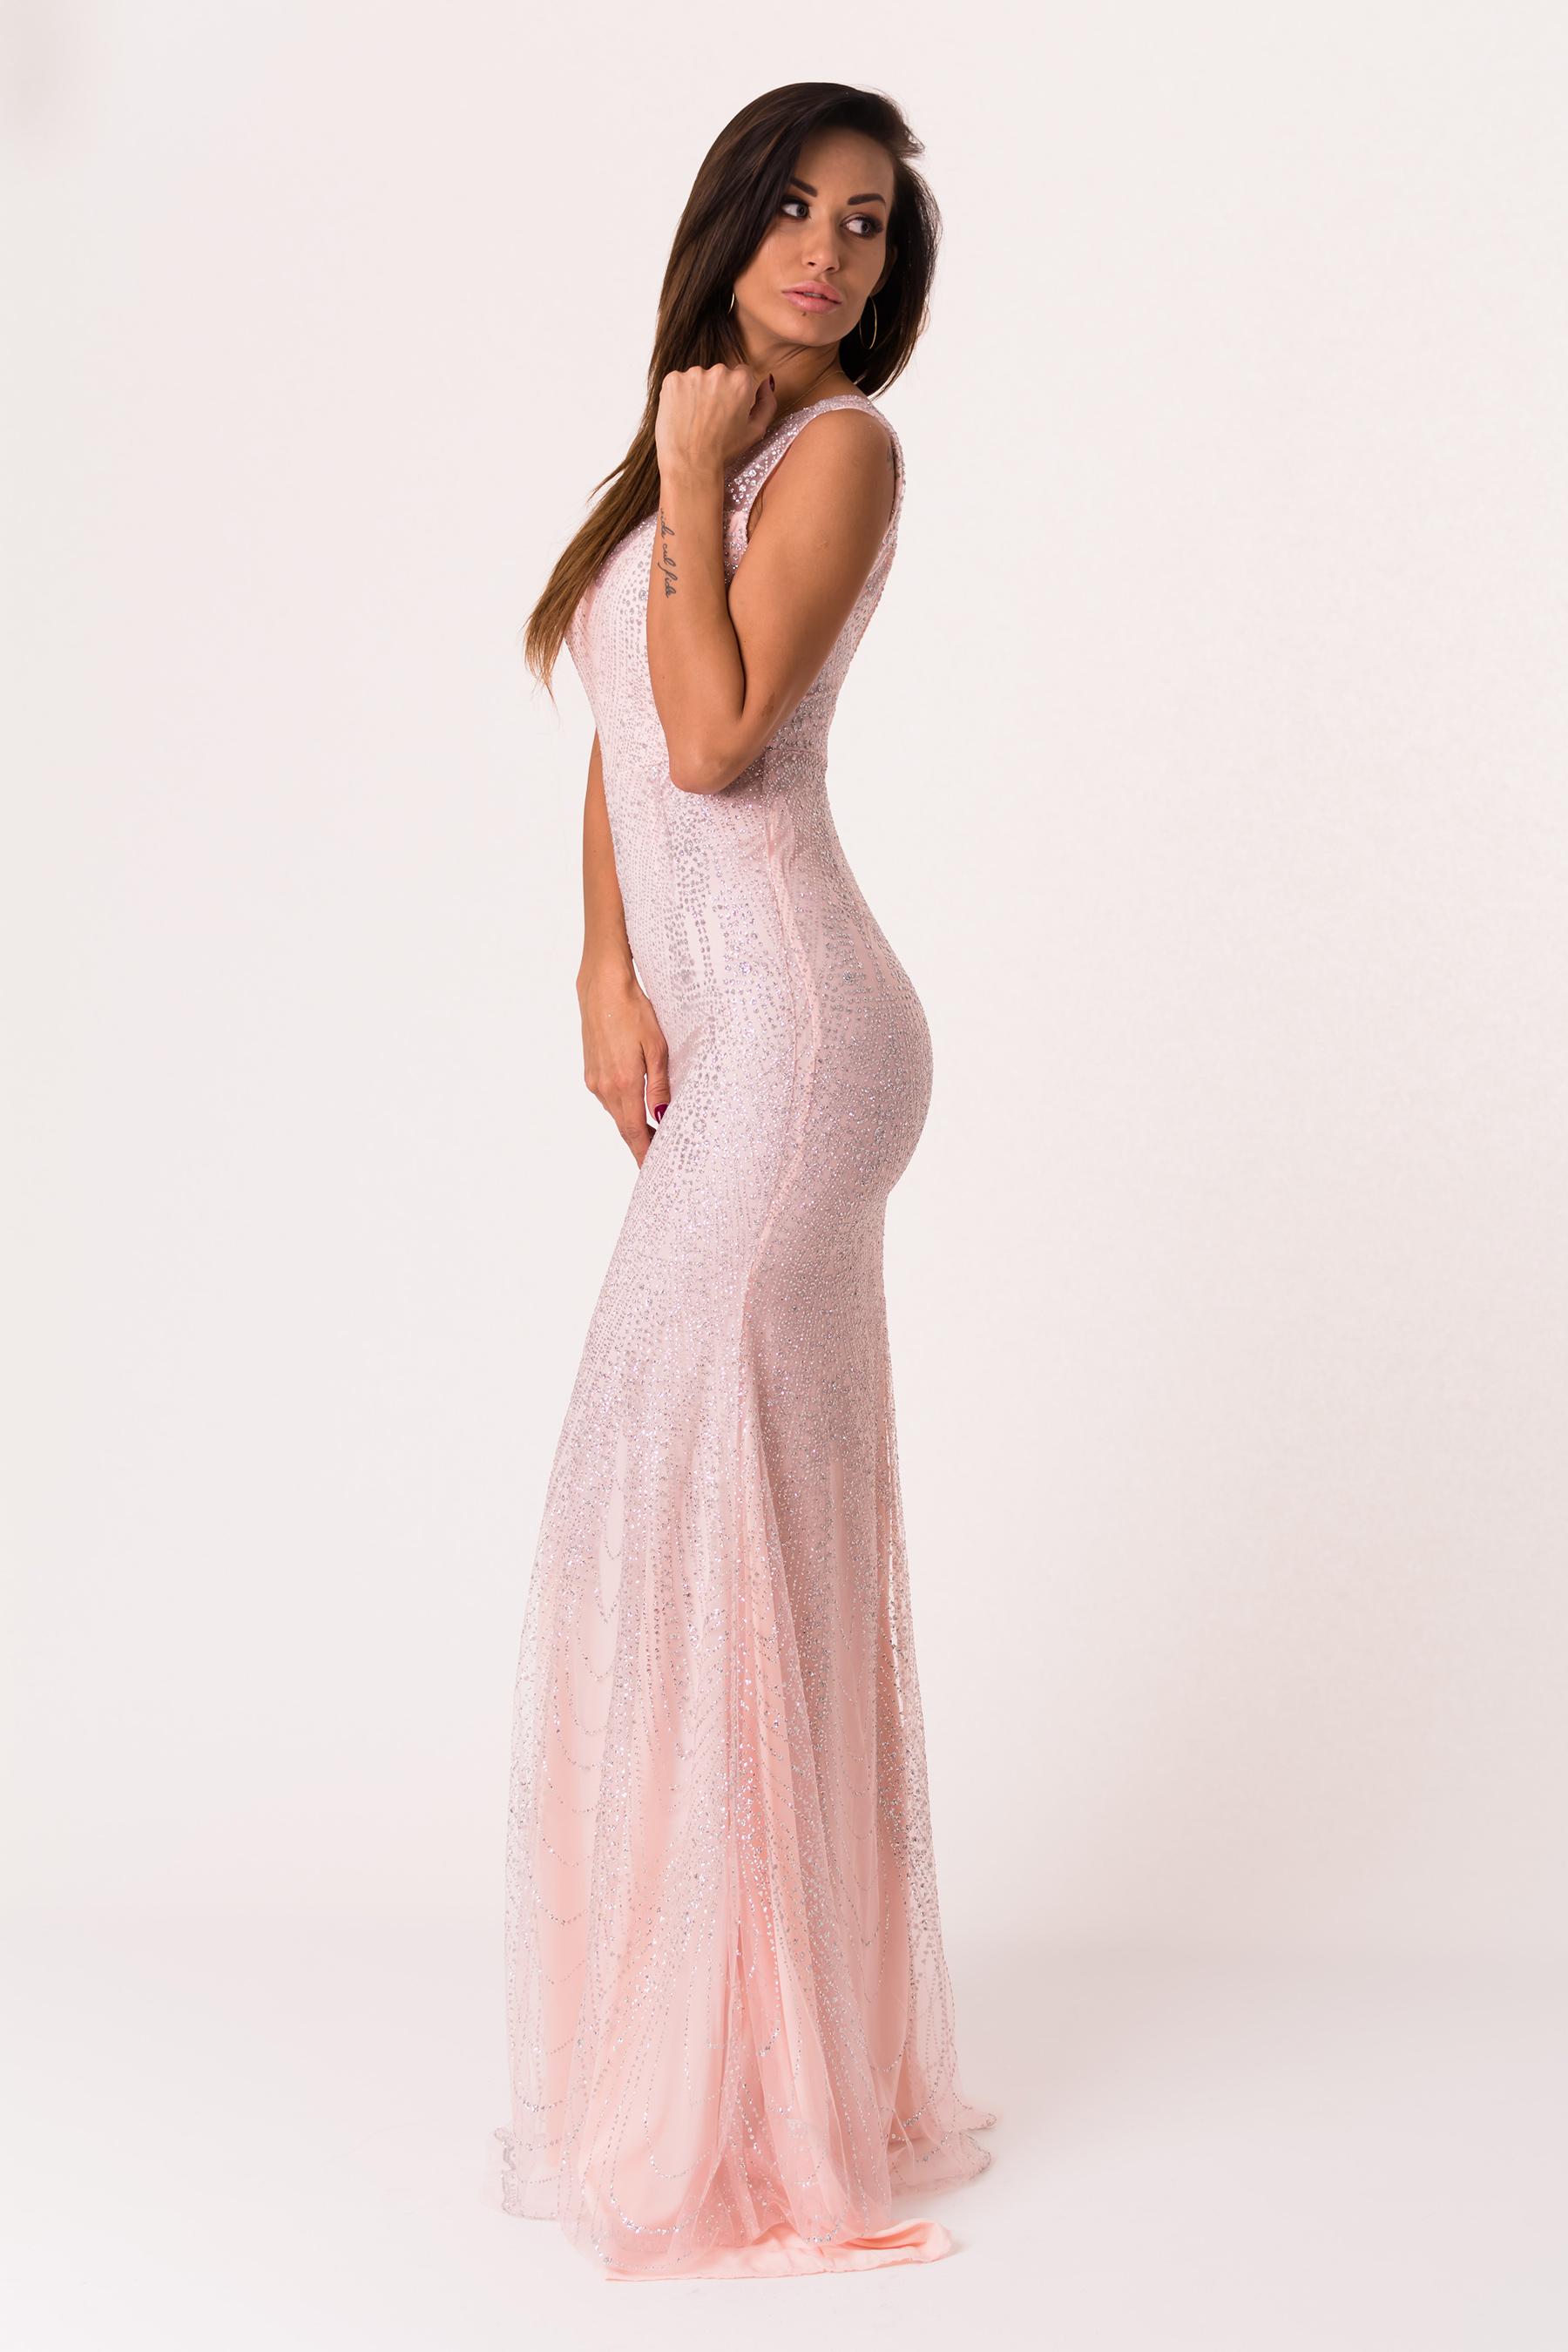 Soky Soka Dress Ping 46016 2